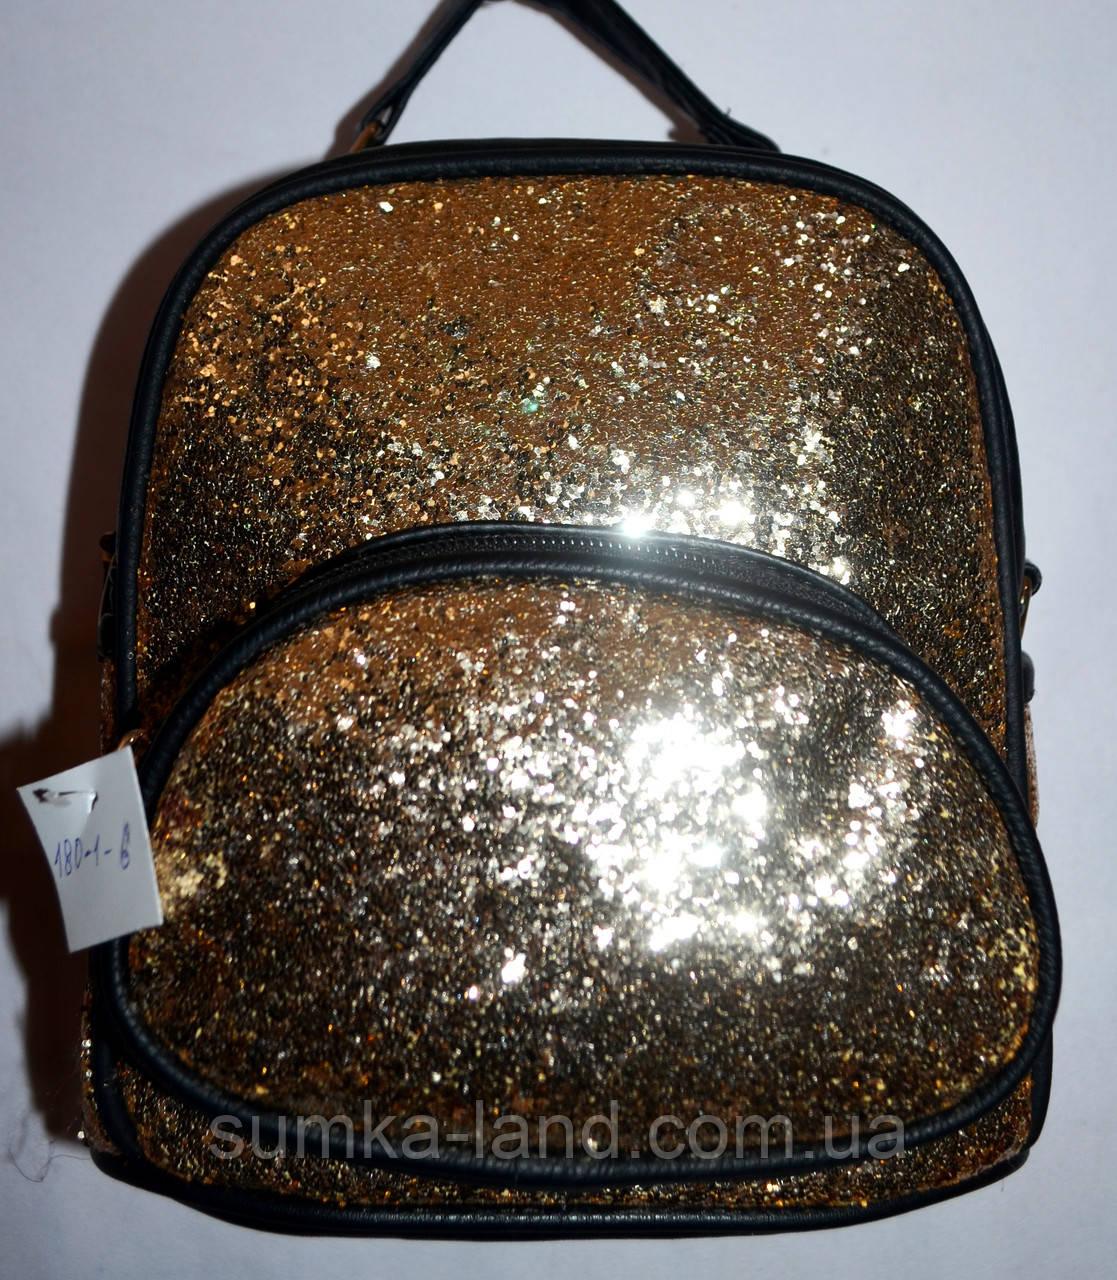 Женский рюкзак с глитером бронзовый 18*20 см